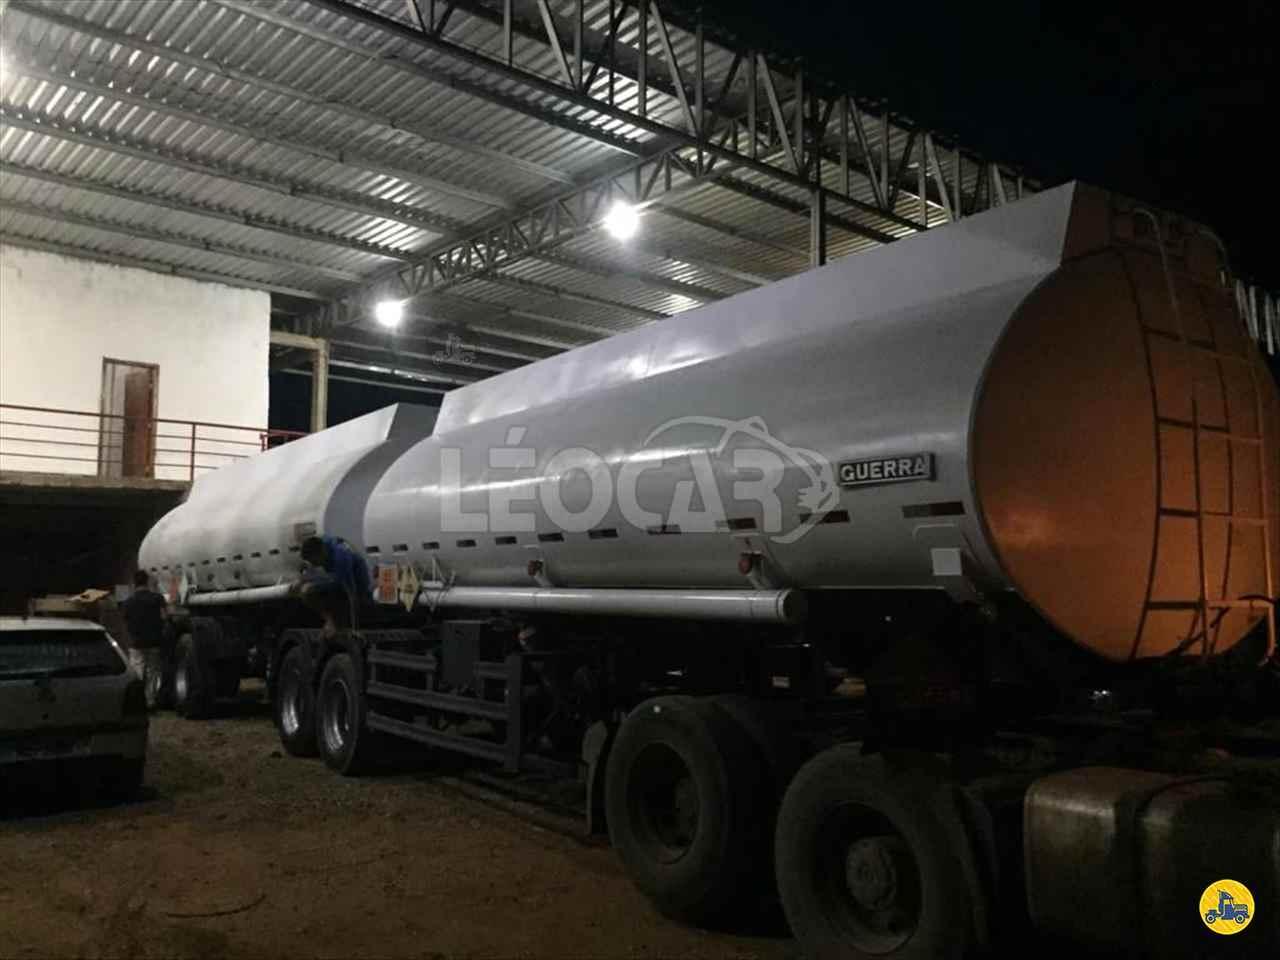 TANQUE AÇO de Leocar Caminhões - PRIMAVERA DO LESTE/MT